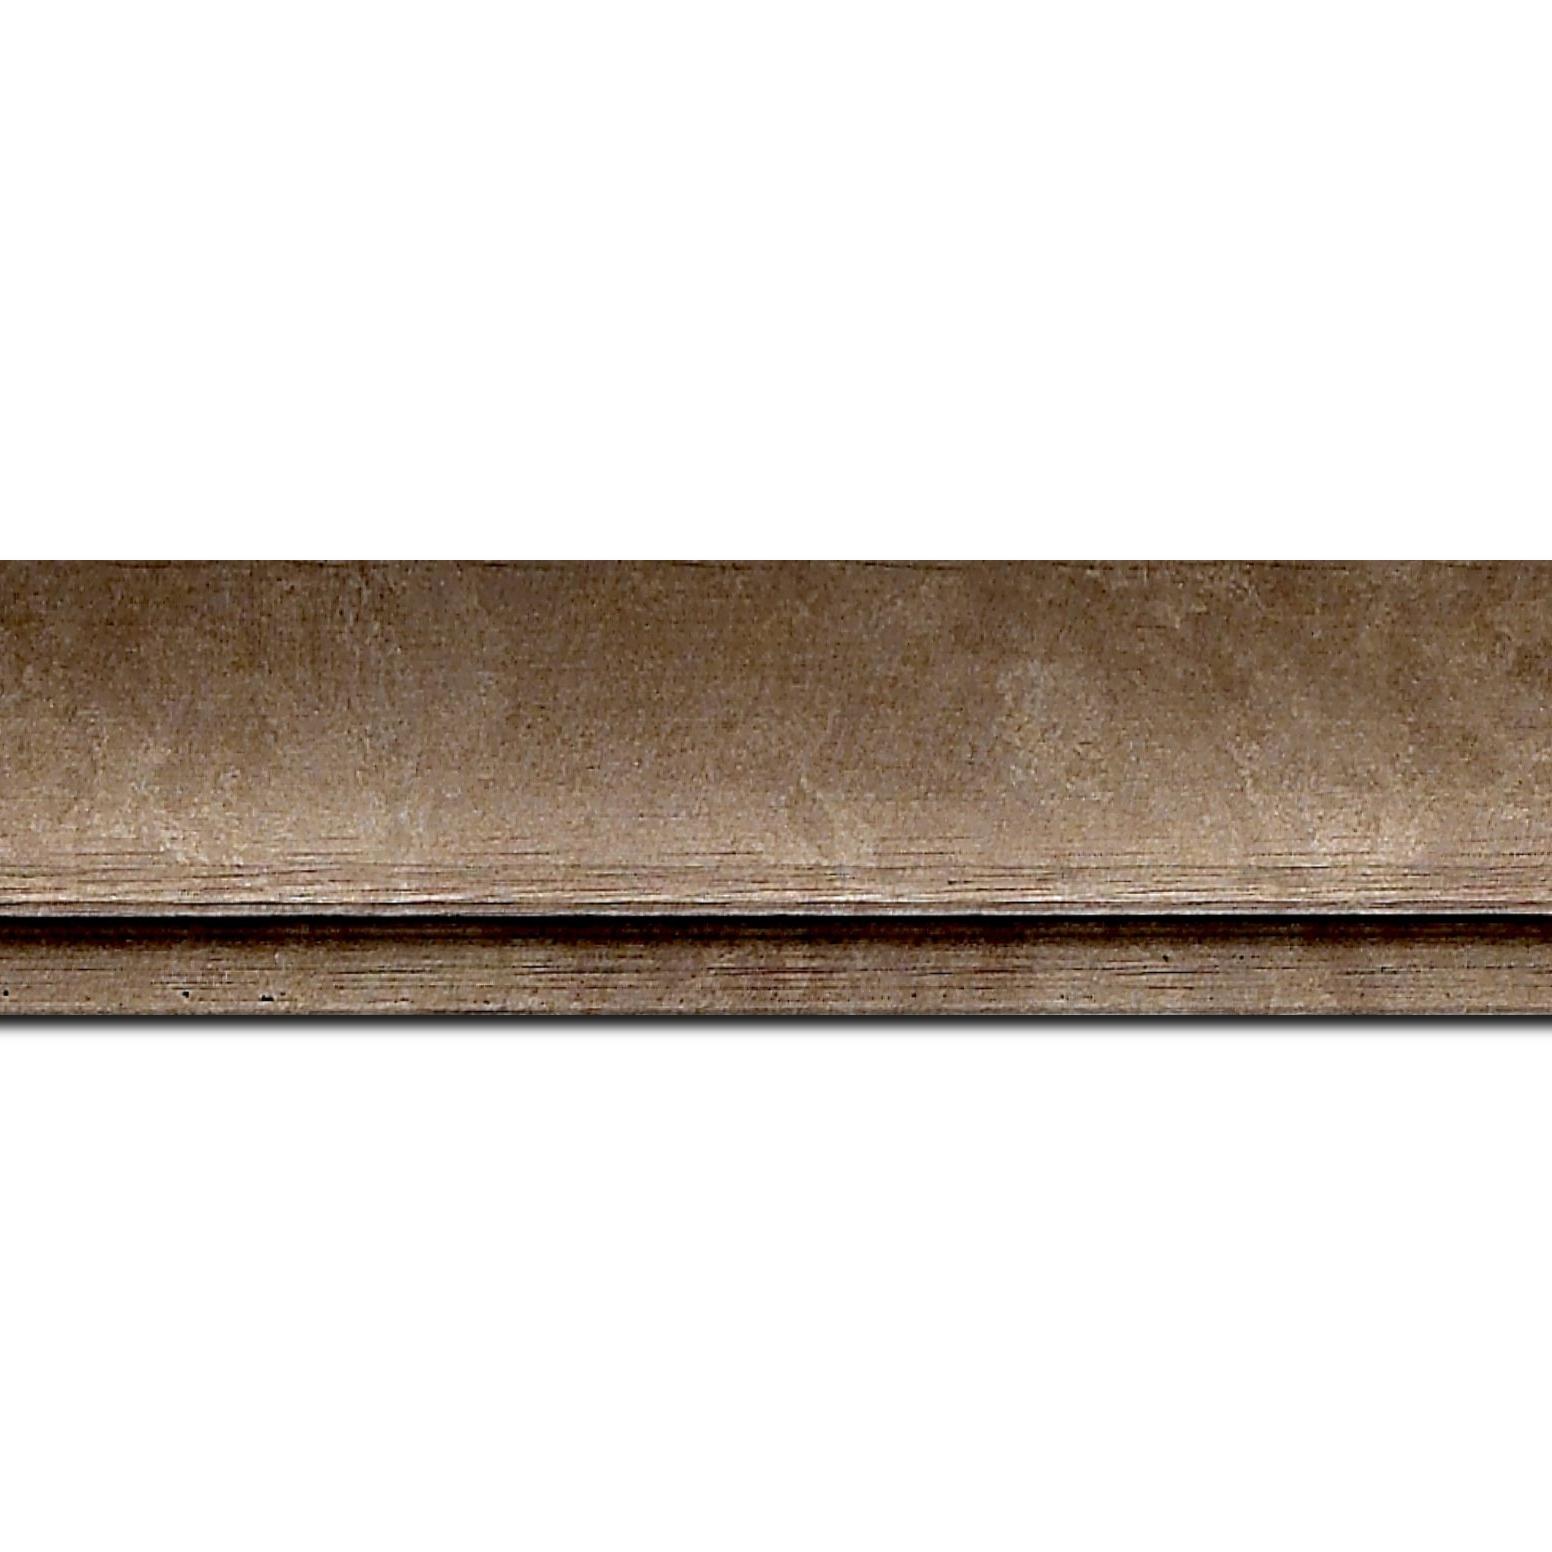 Pack par 12m, bois profil incurvé largeur 4.2cm couleur cuivre effet givré (longueur baguette pouvant varier entre 2.40m et 3m selon arrivage des bois)